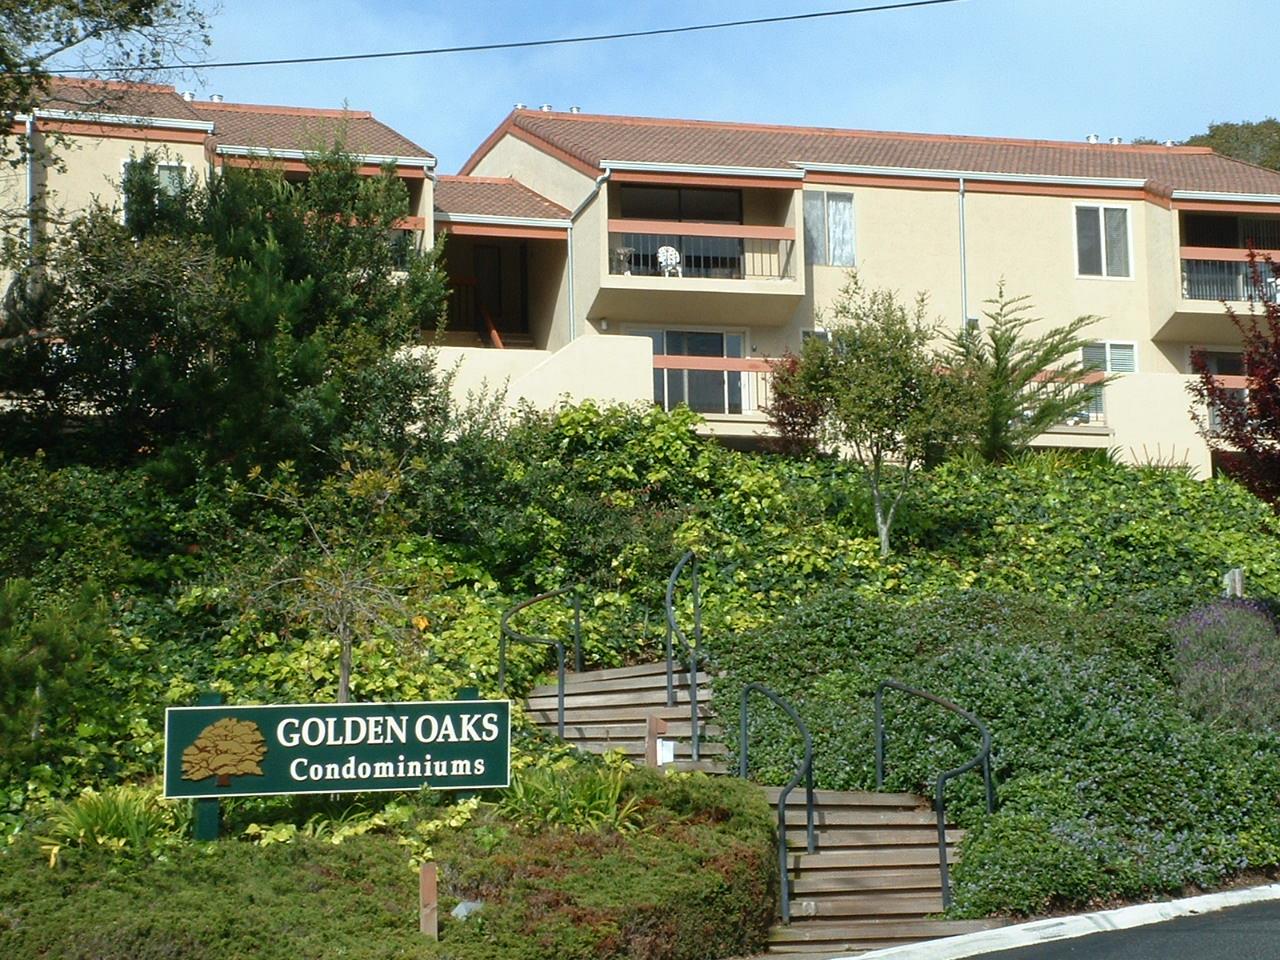 Golden Oaks Lane, MONTEREY, CA 93940